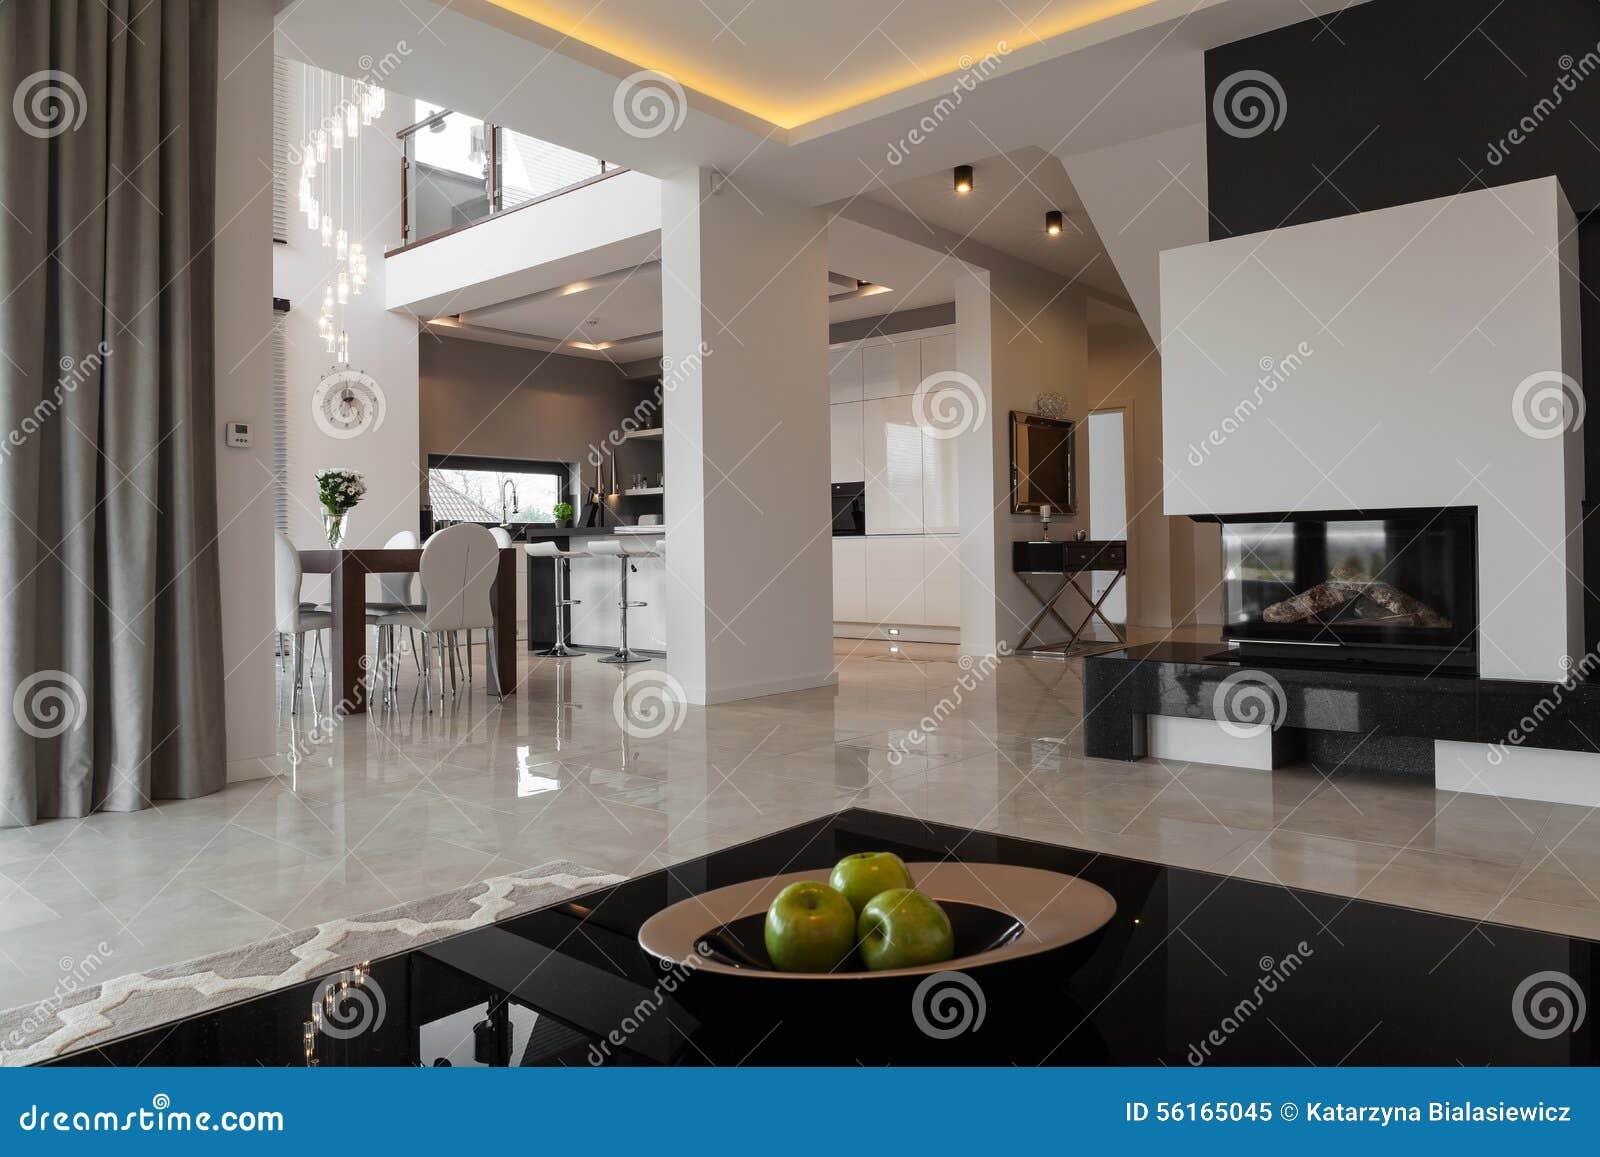 Исключительная квартира в современном стиле